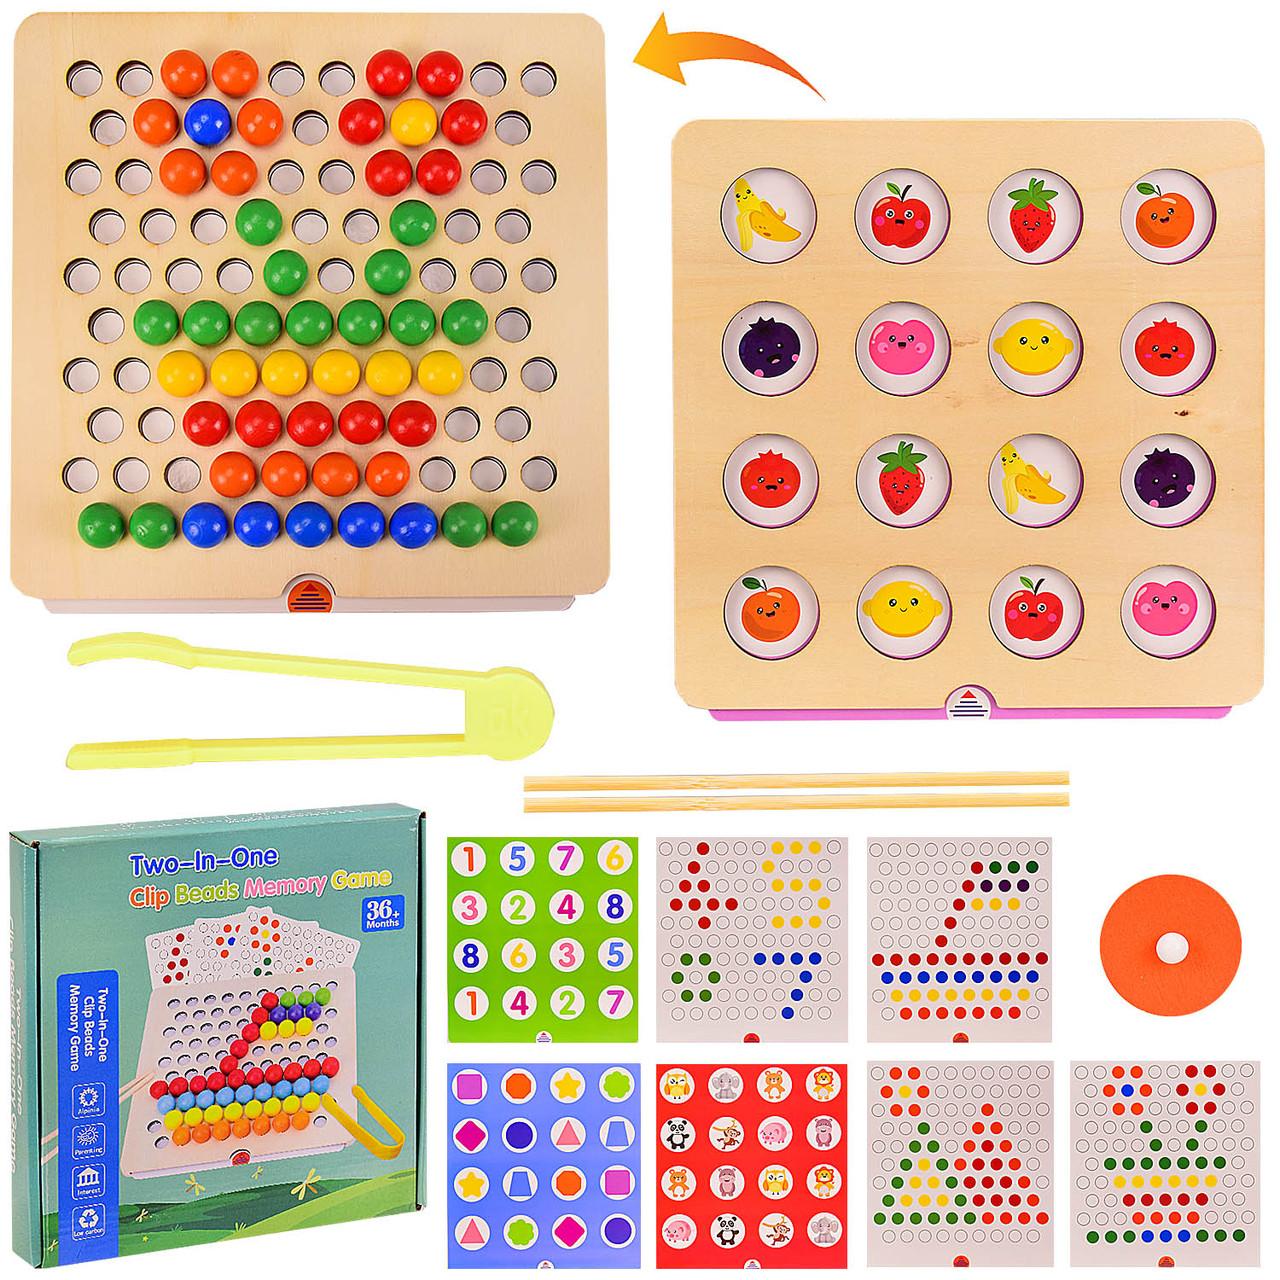 """Деревянная мозаика """"Clip Beads Memory Game"""" 2 в 1 игра на память, мозаика с трафаретами, в коробке WD2701"""